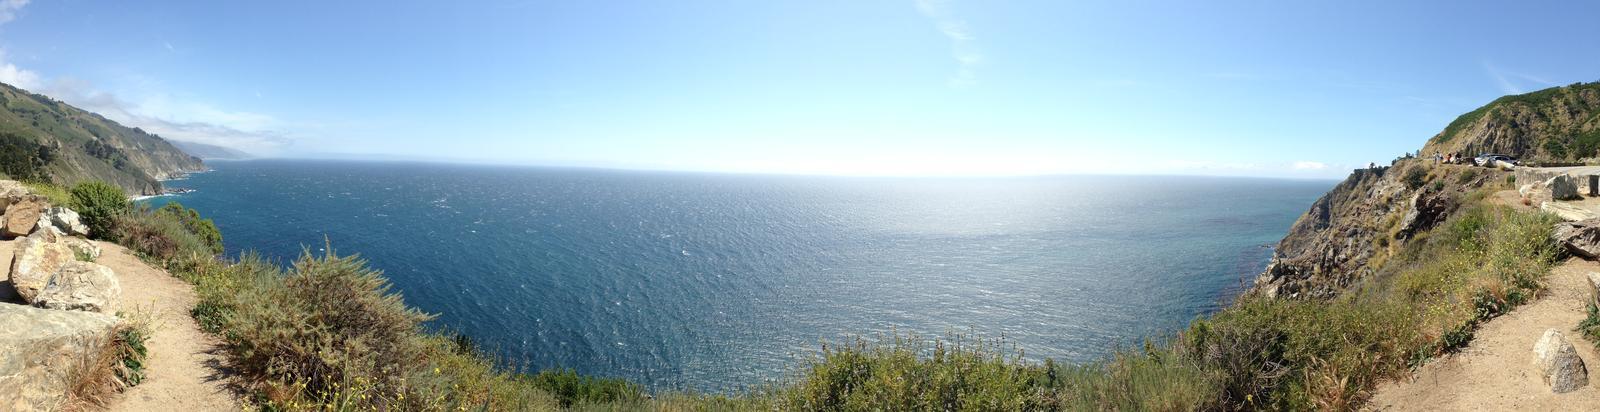 """""""If you can dream it, you can do it."""" - pobrežie Pacifiku je úžasné! na každom kroku to človeka láka zastaviť a dívať sa, fotiť, dýchať ten úžasný vzduch a počúvať šum oceánu"""